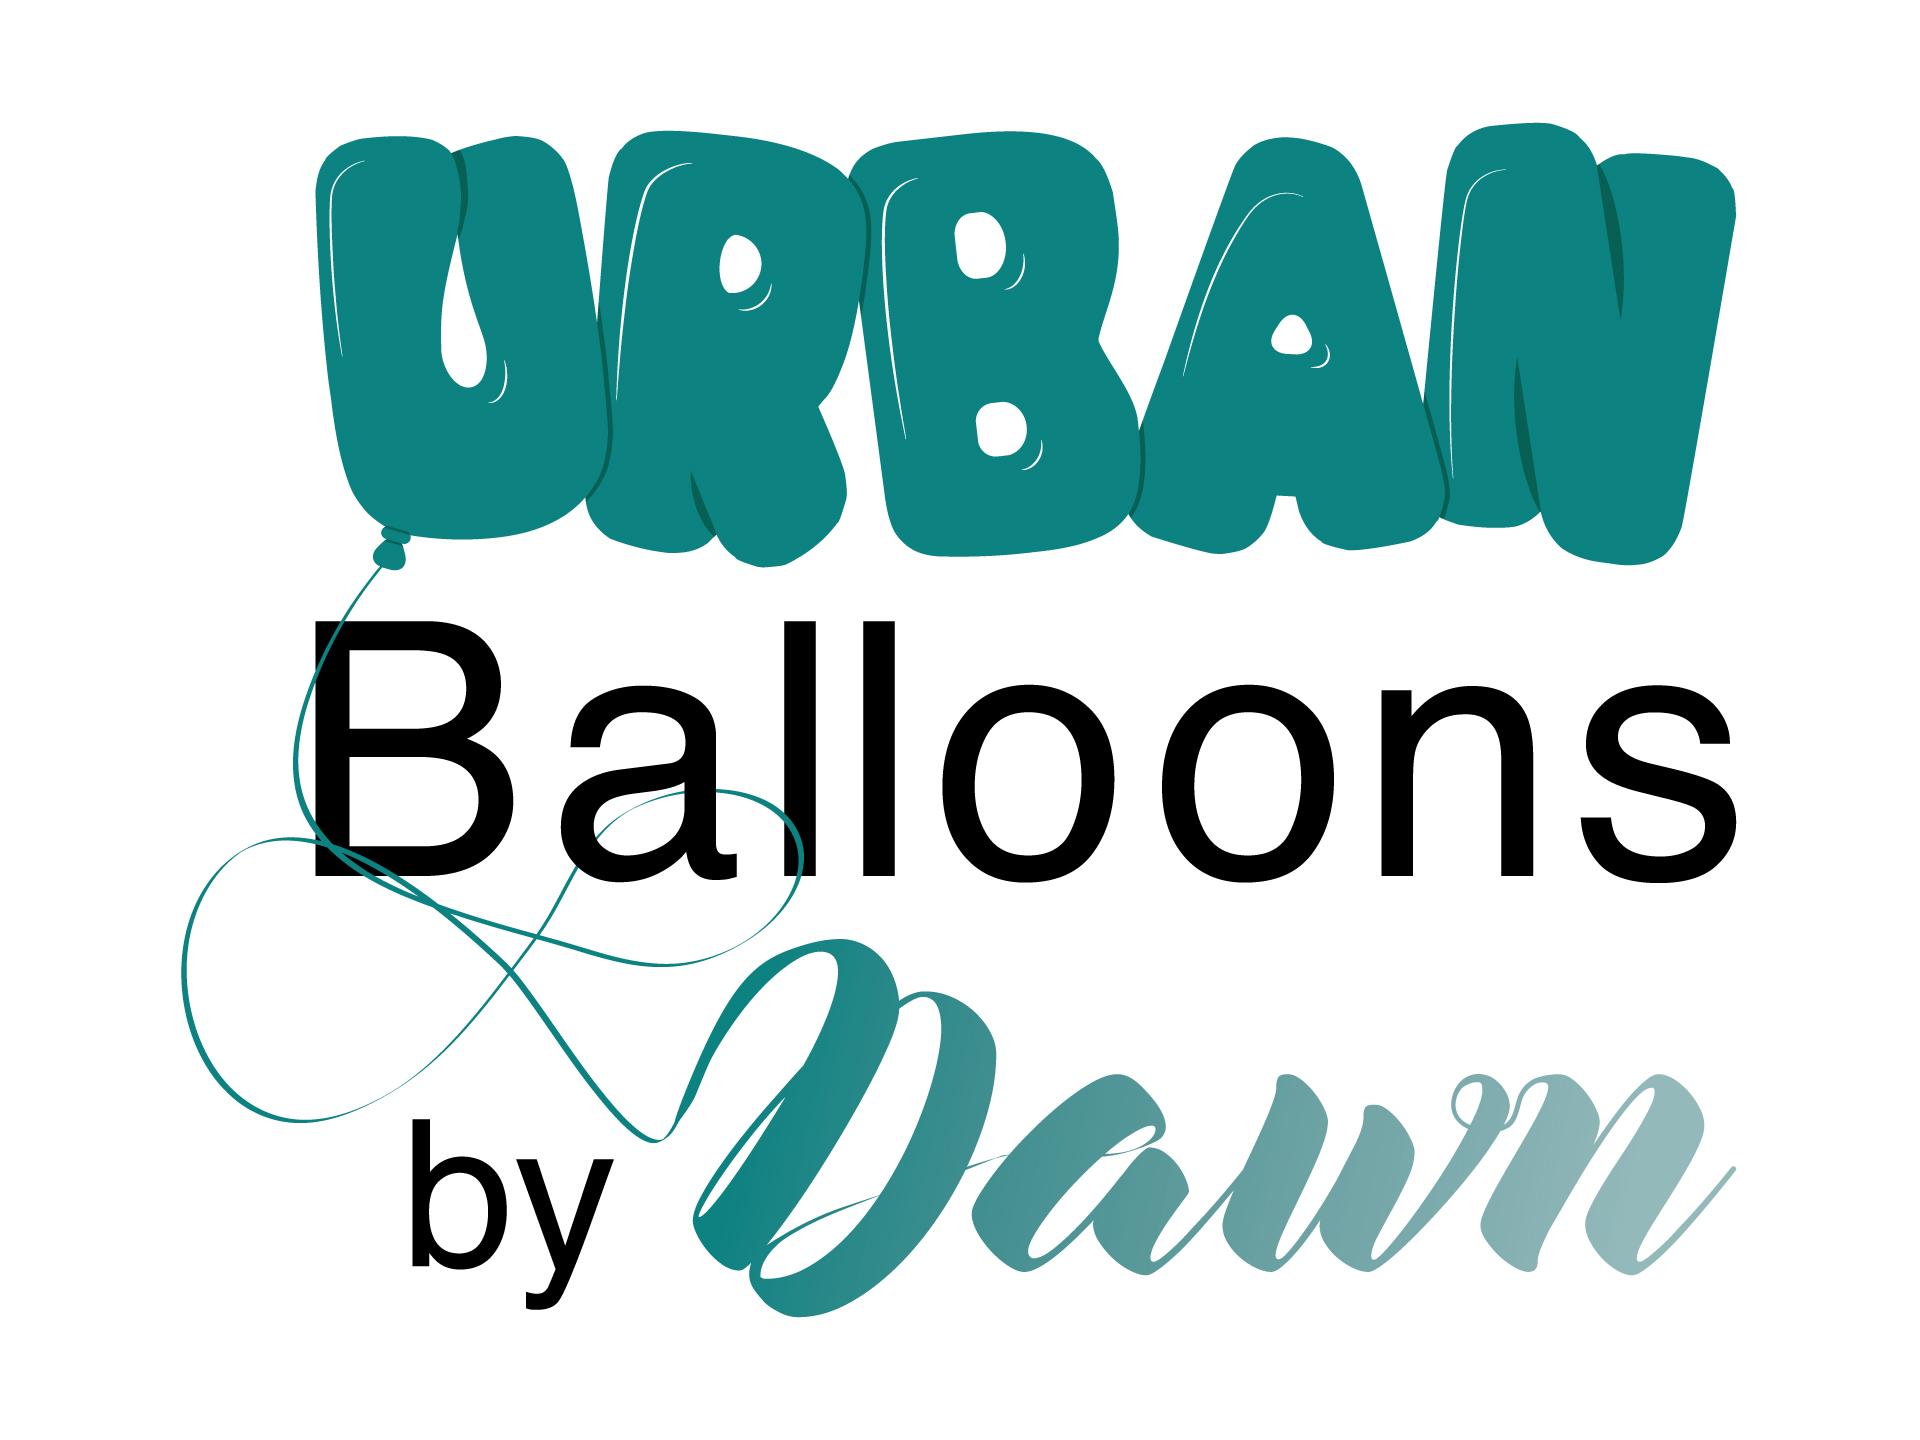 746fee1425e0f5a9a90a3d0a15b987e2-urban-balloons.jpg